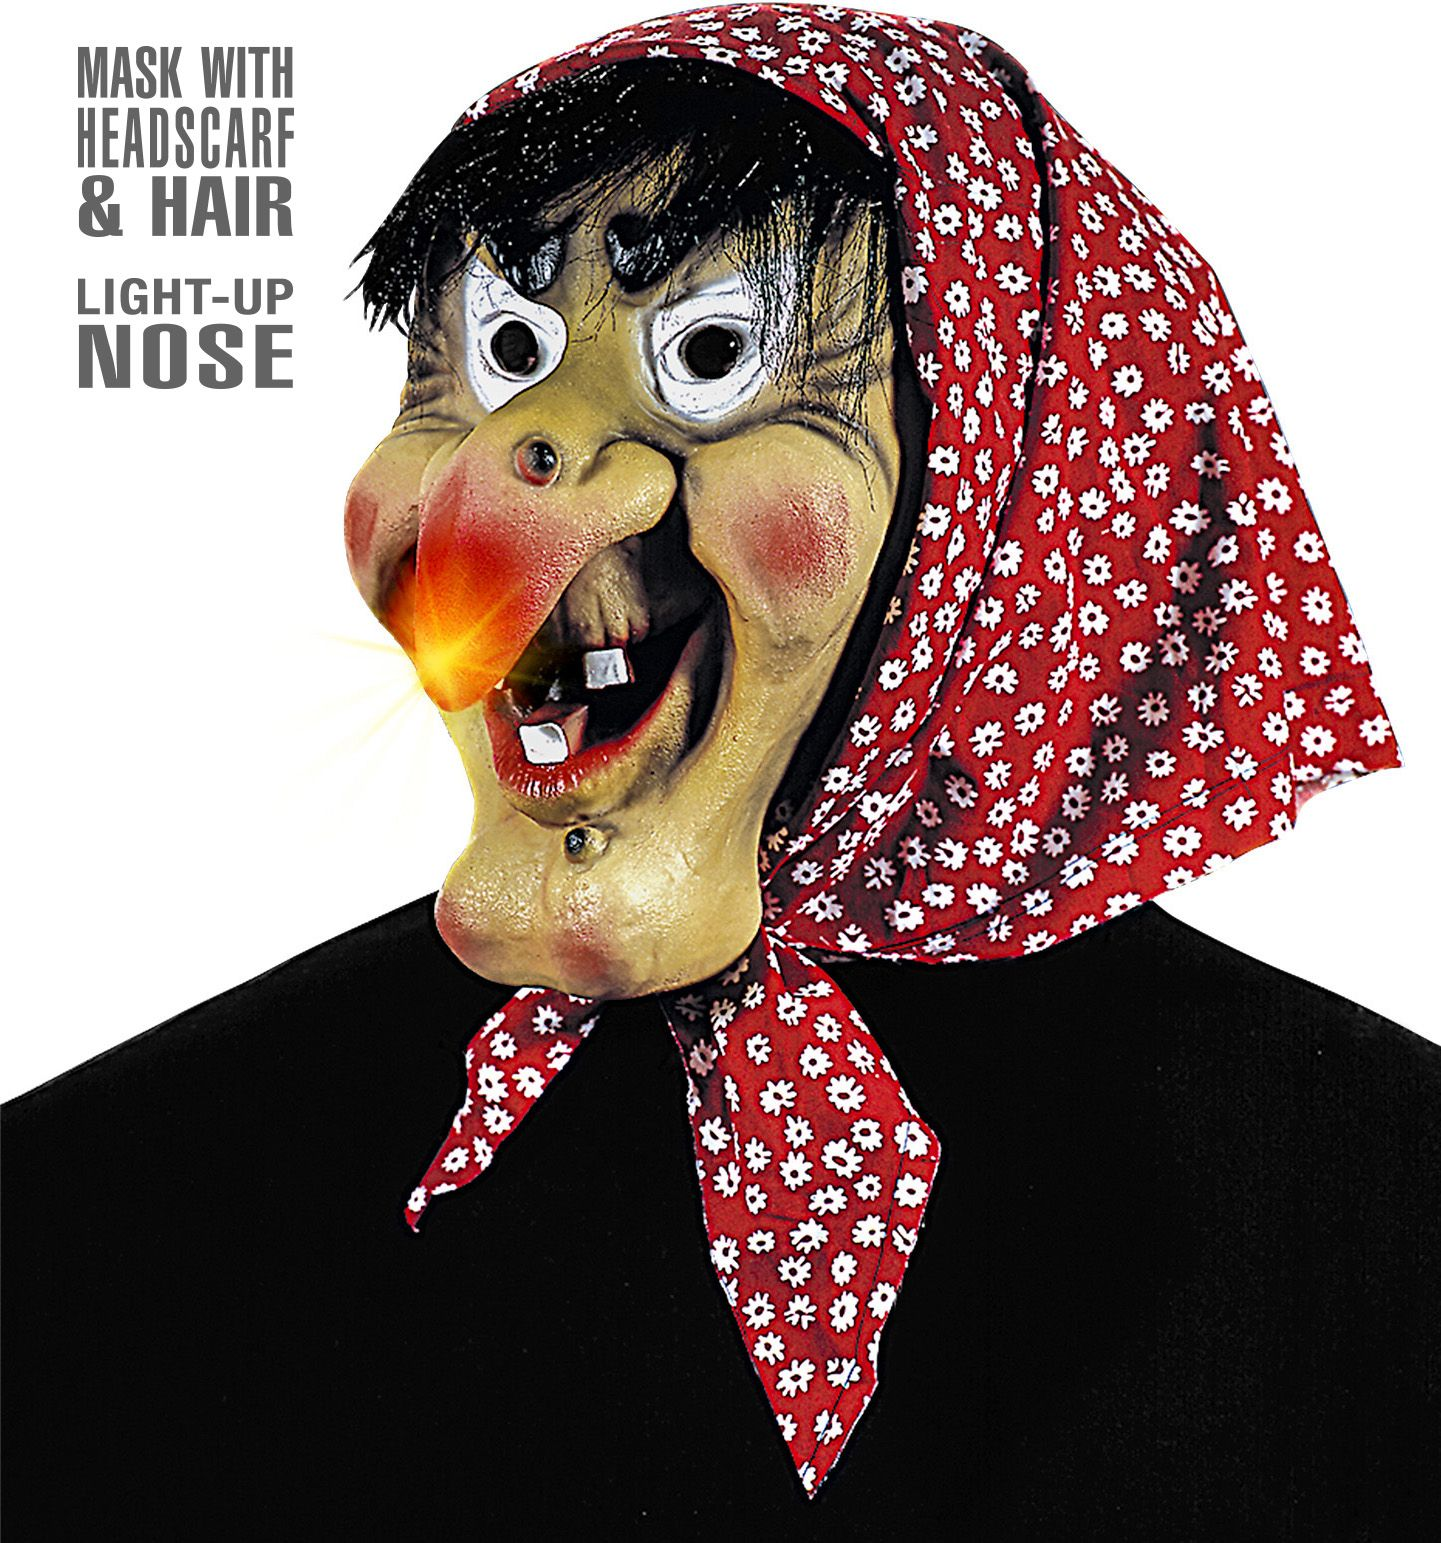 Heksen masker met haar, doek en lichtgevende neus